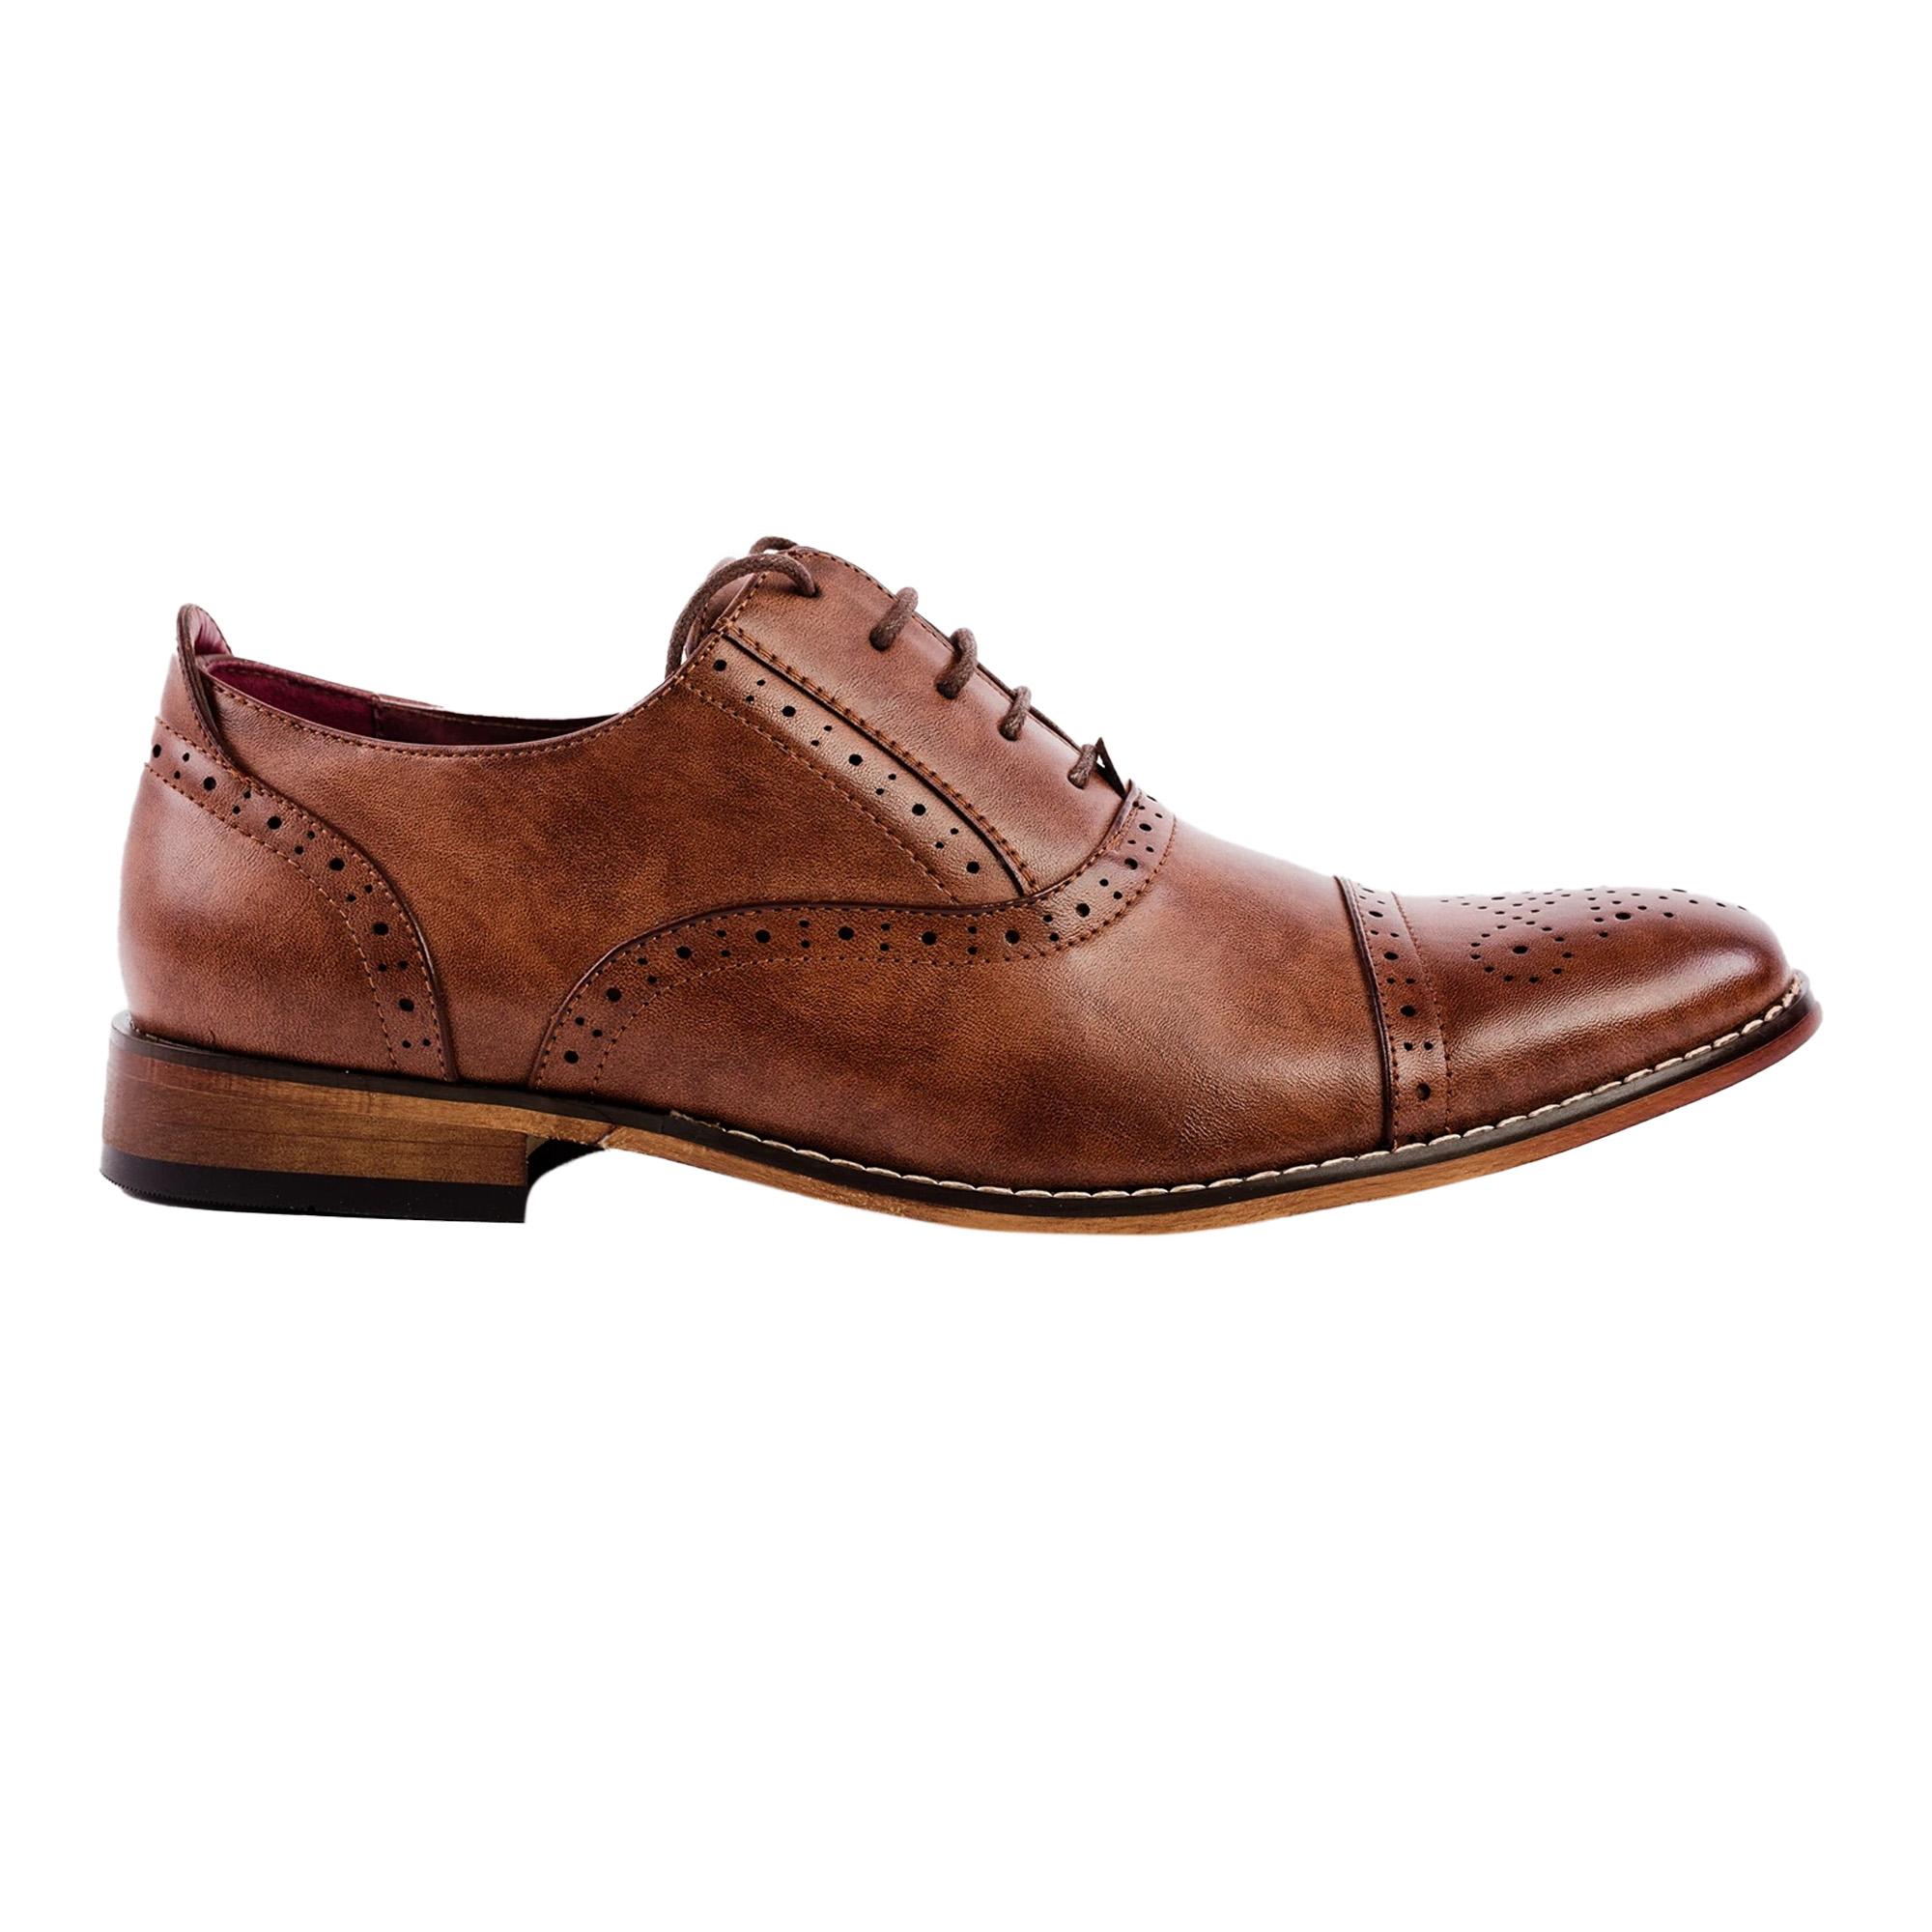 miniature 5 - Goor - Chaussure a lacet - Garçon (DF1400)